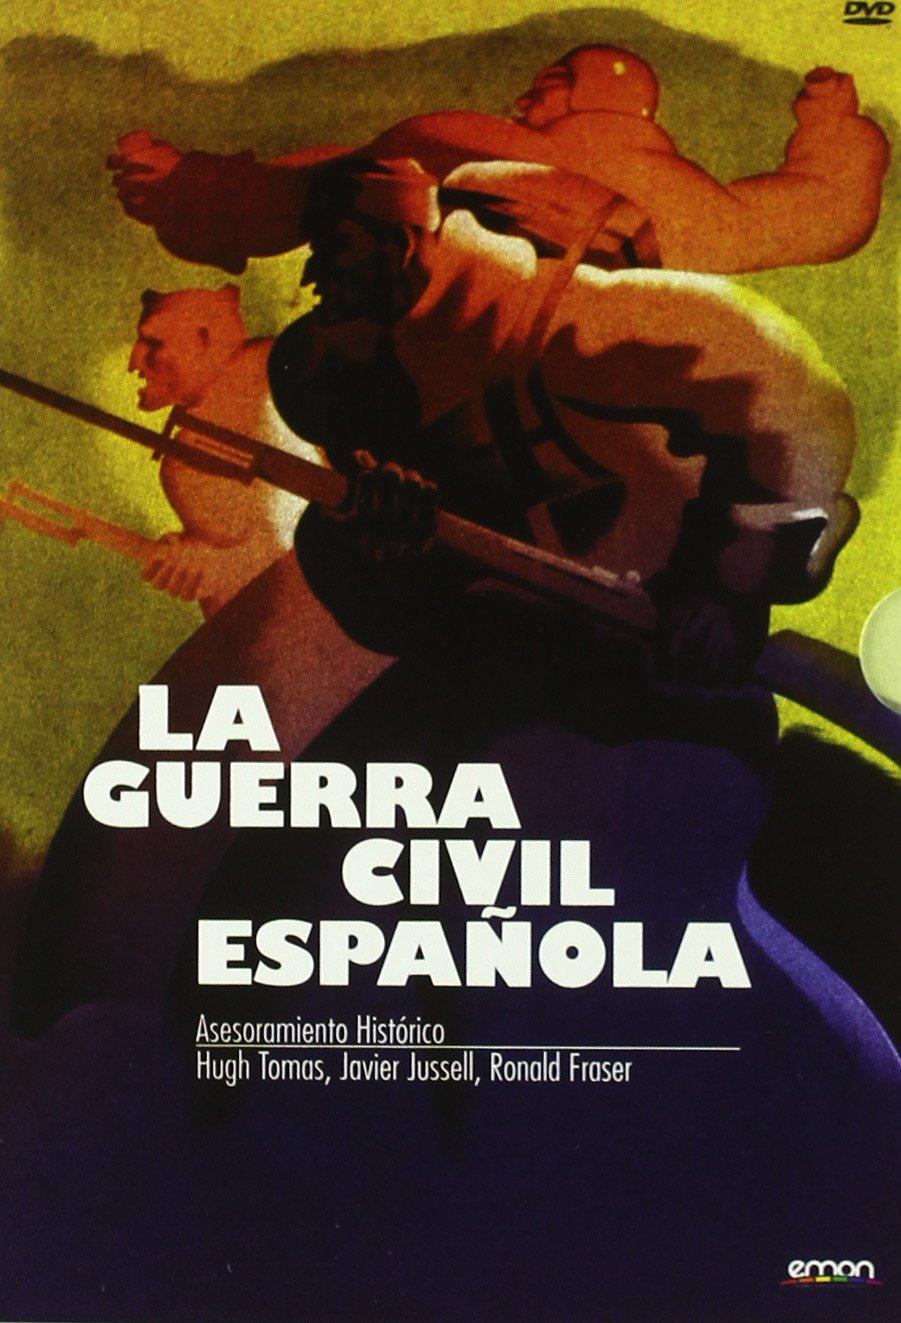 La Guerra Civil Española [DVD]: Amazon.es: David Hart: Cine y Series TV